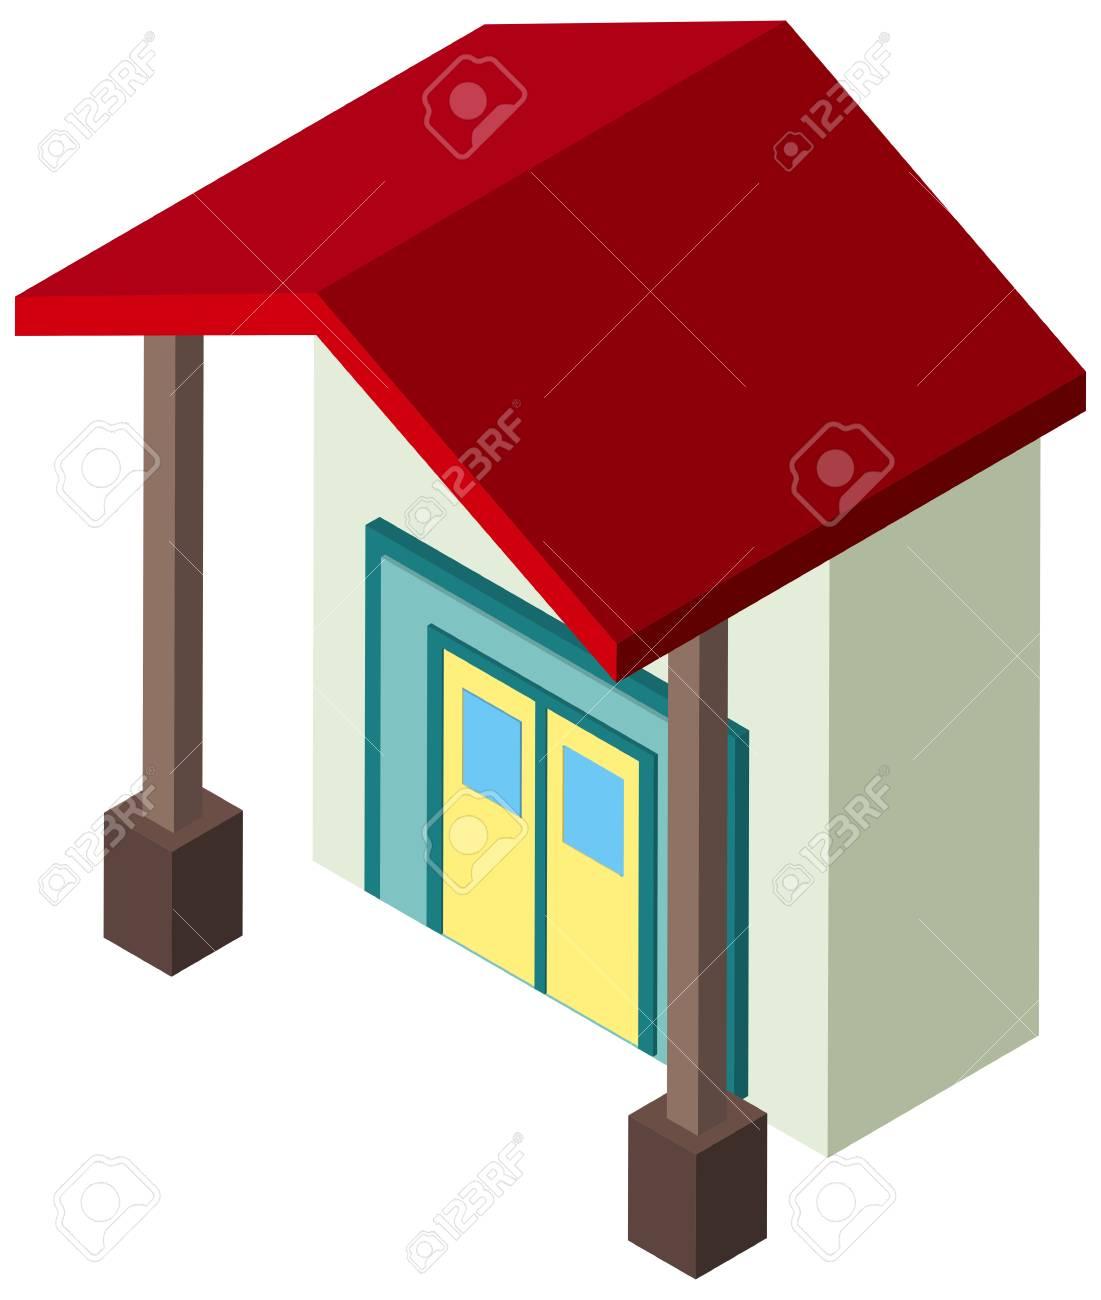 3D-Design Für Dünne Haus Illustration Lizenzfrei Nutzbare ...